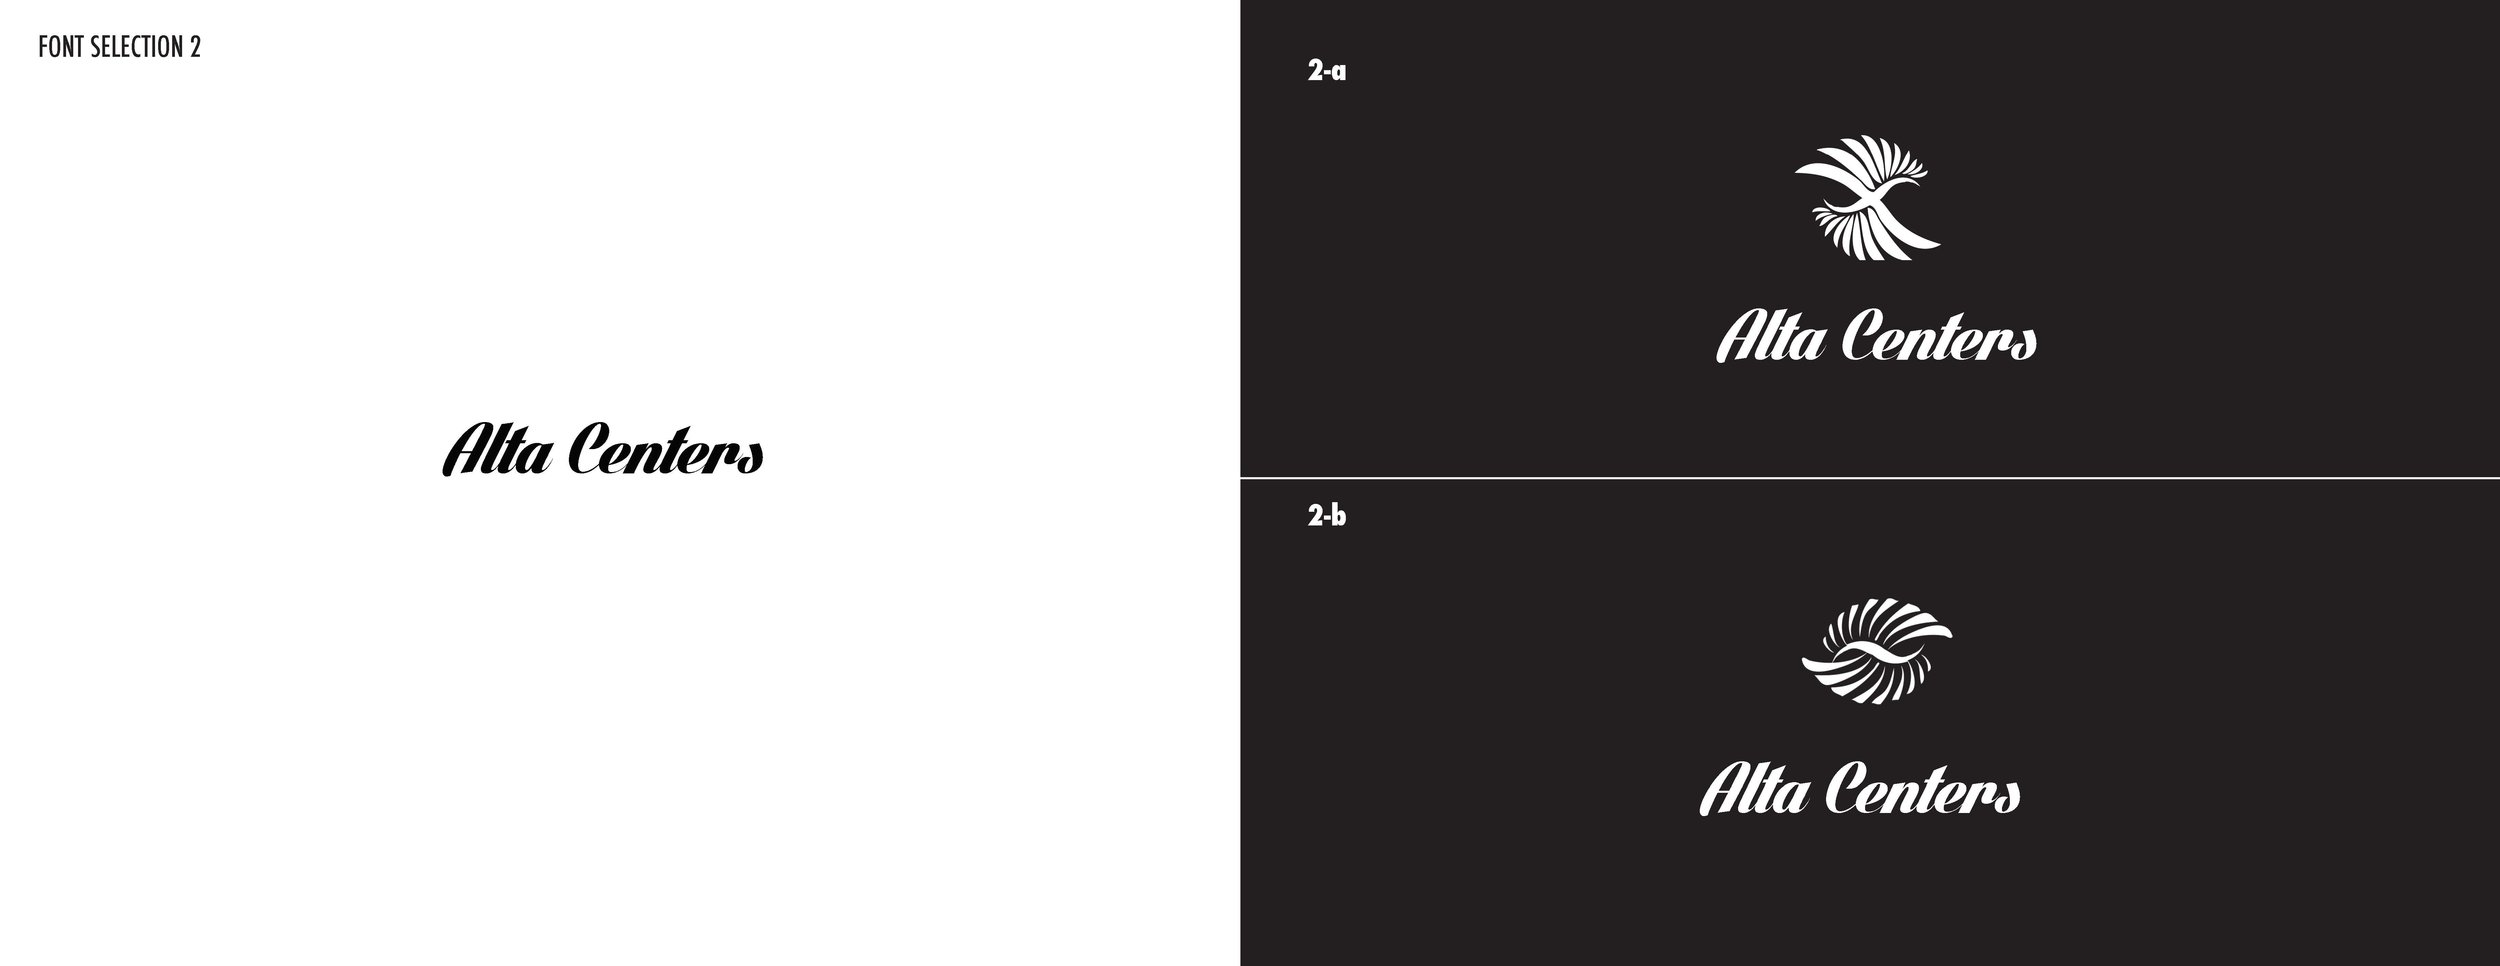 AltaFont-Logo OptionsV4_Page_03.jpg